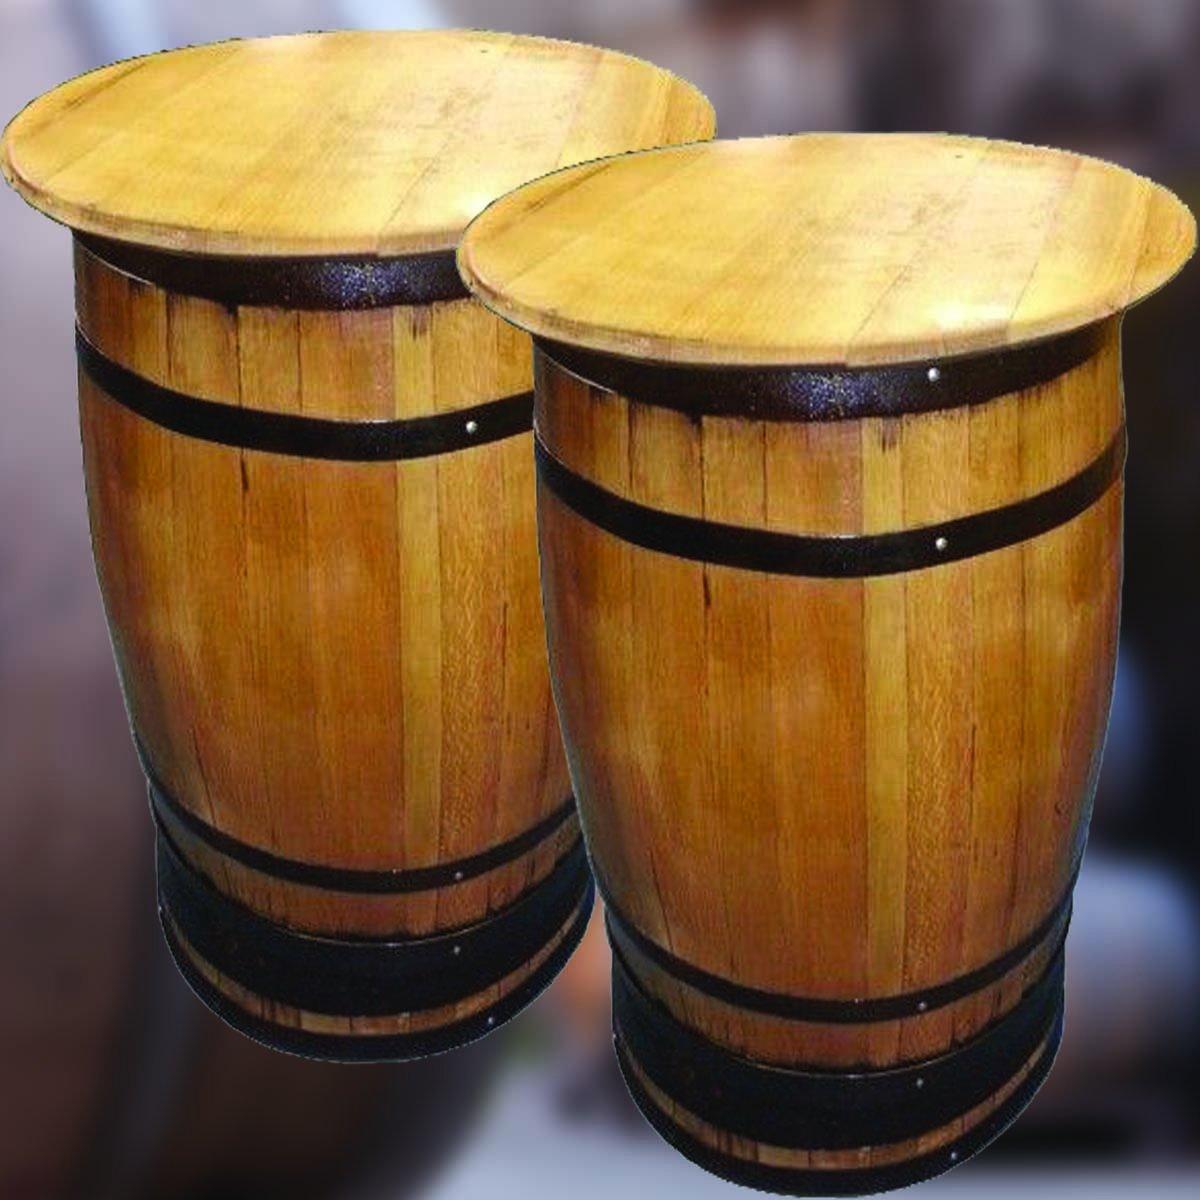 Solid Oak Refurbished Whisky Barrel Bar Poser Table for PatioBeer Garden